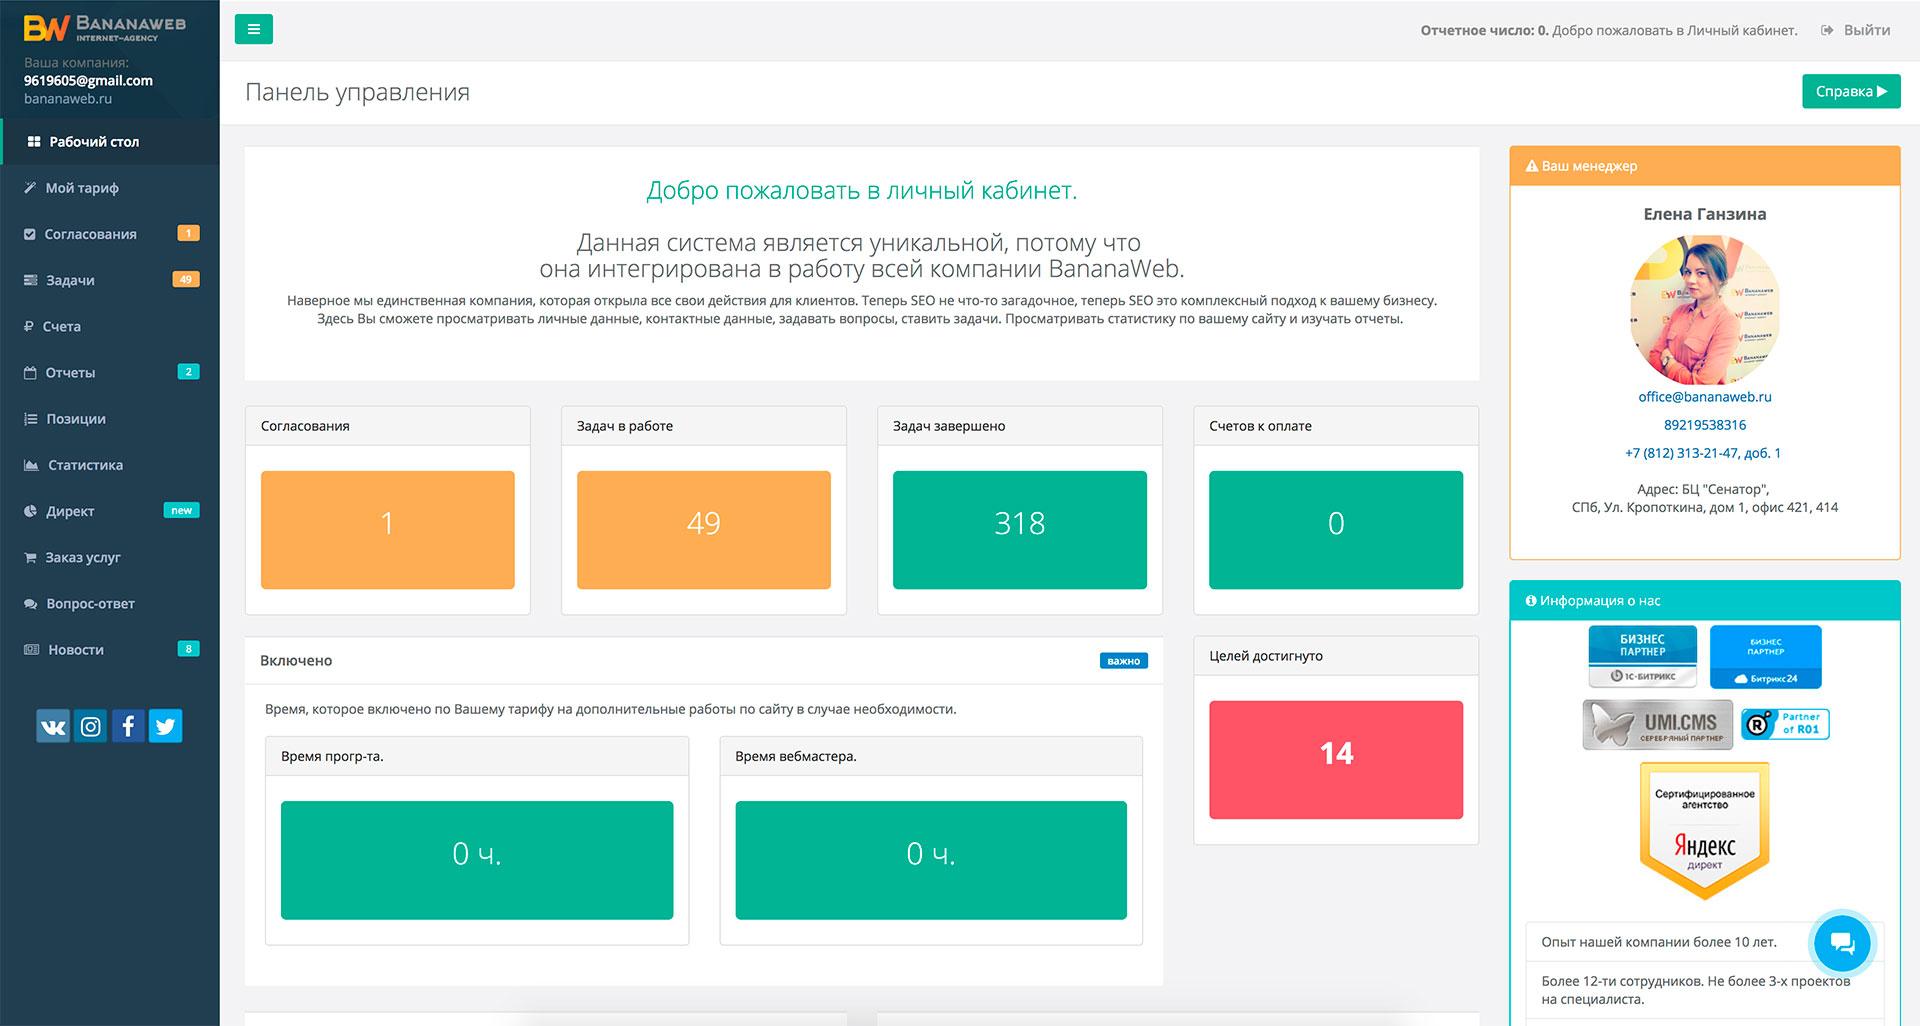 Интернет продвижение сайта в поисковых системах петербург доступно seo софт xrumer 2.9